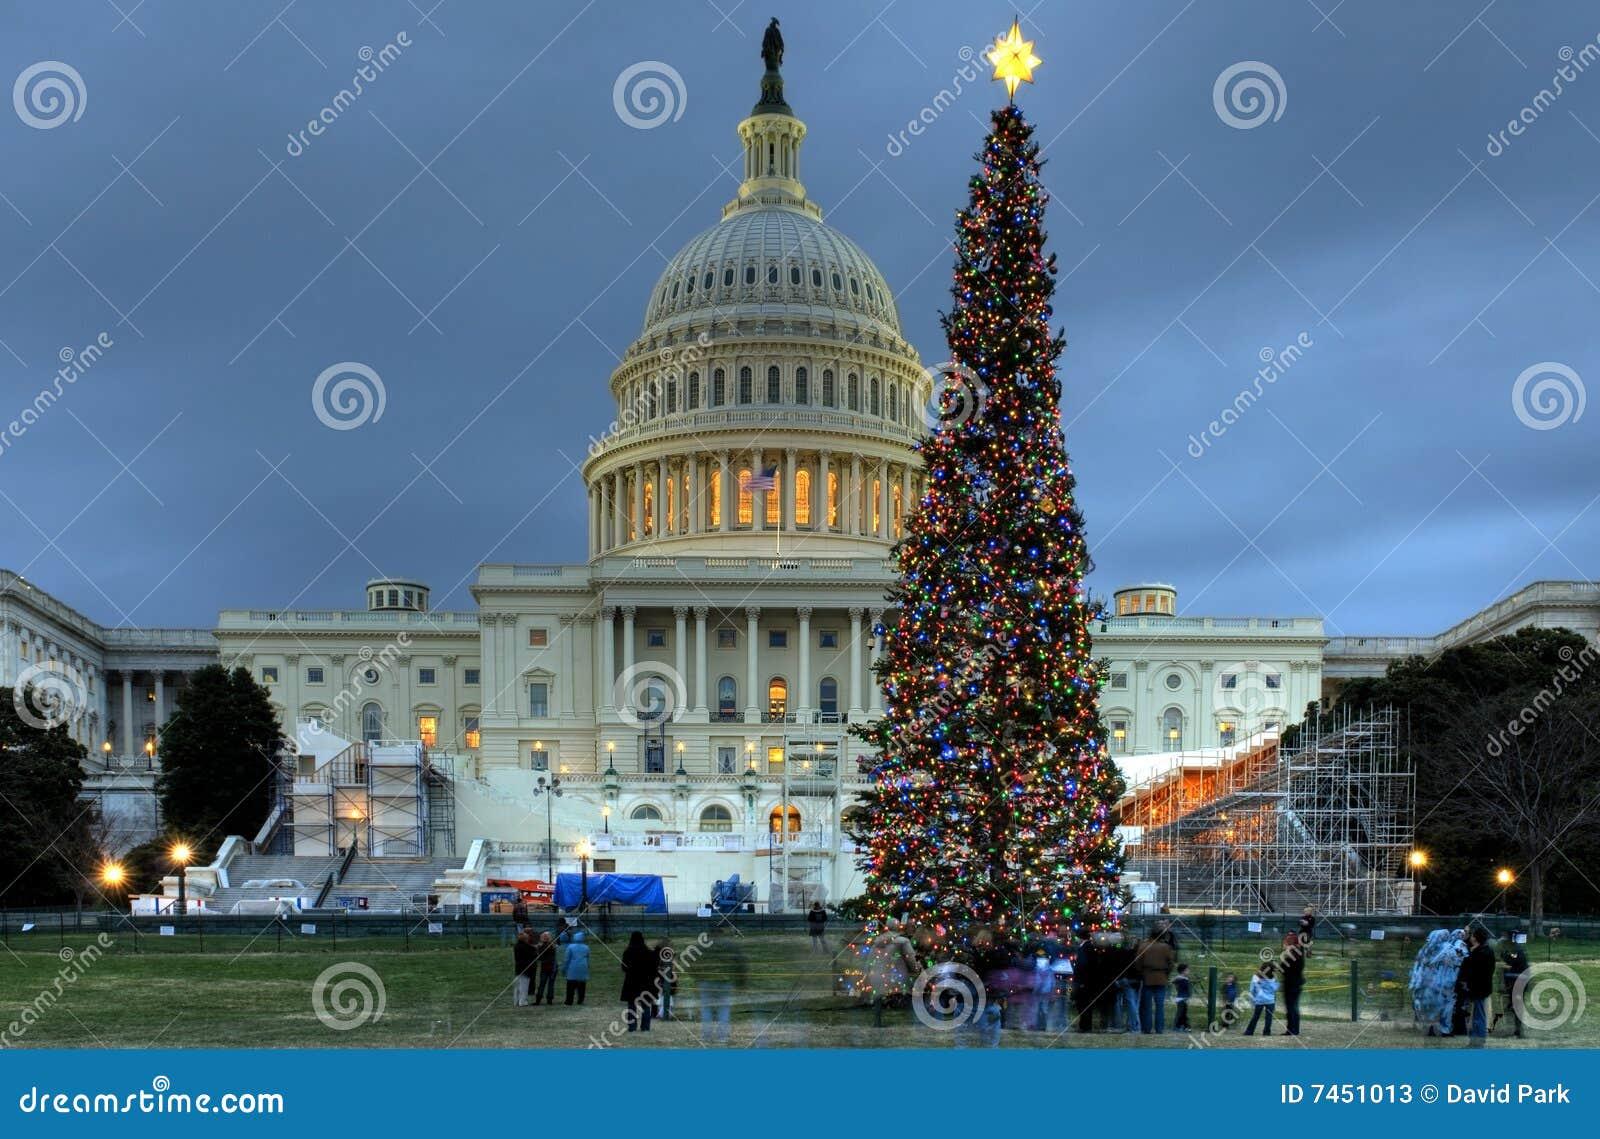 Albero Di Natale Washington.Albero Di Natale Degli Stati Uniti Campidoglio Fotografia Stock Editoriale Immagine Di Washington Santa 7451013